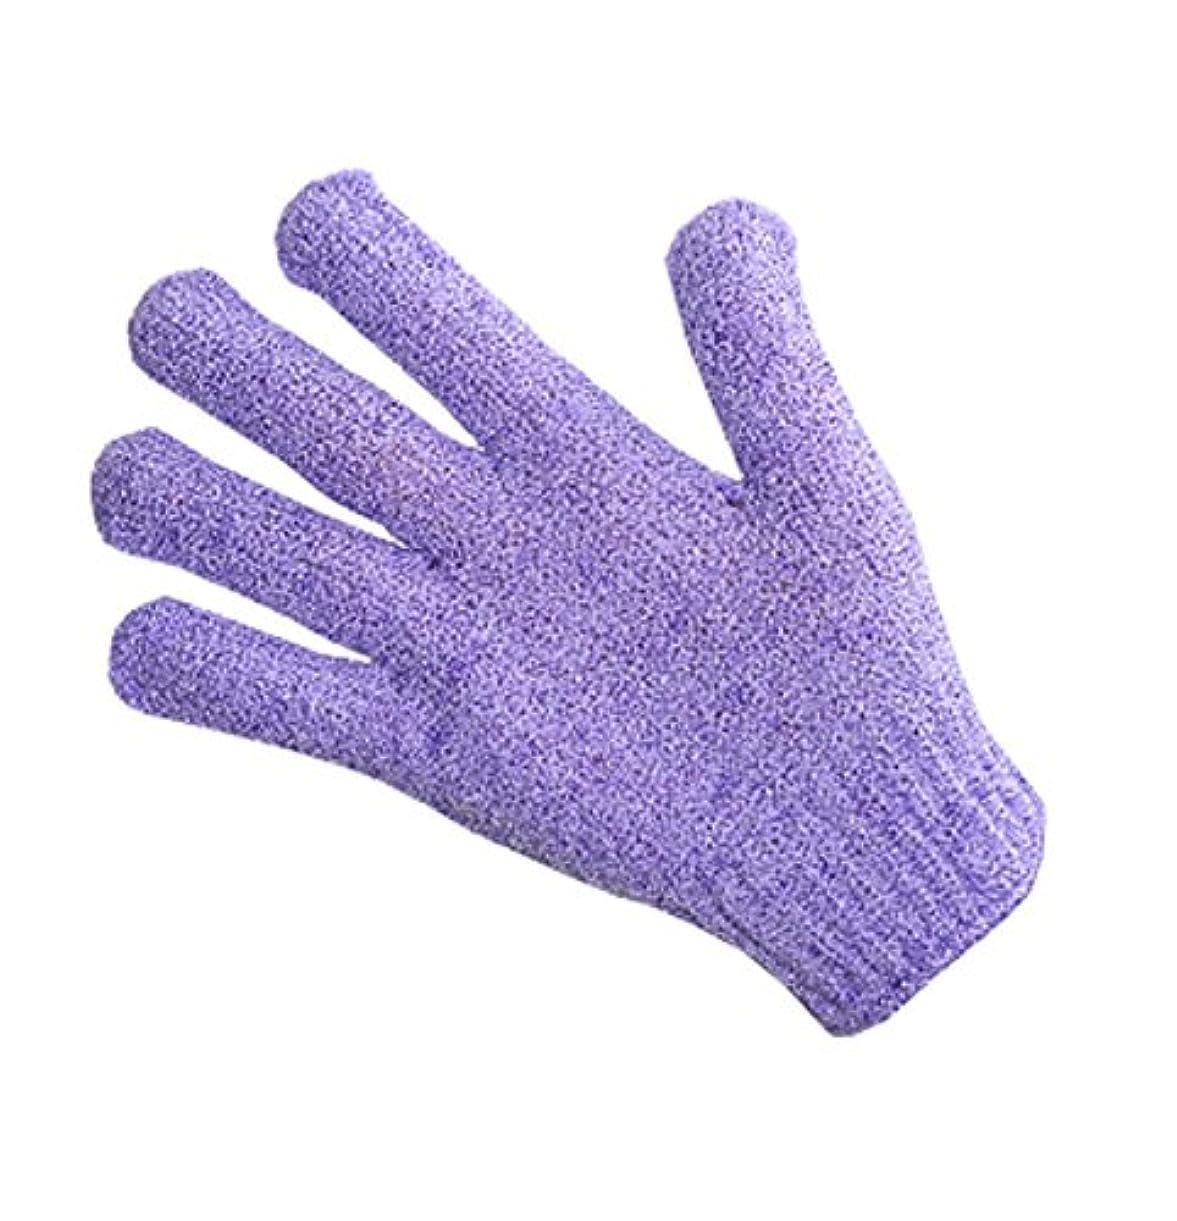 土砂降りそれぞれ相反する指、バスタオルエクスフォリエイティングラビングタオルボディバック-1ペア、紫